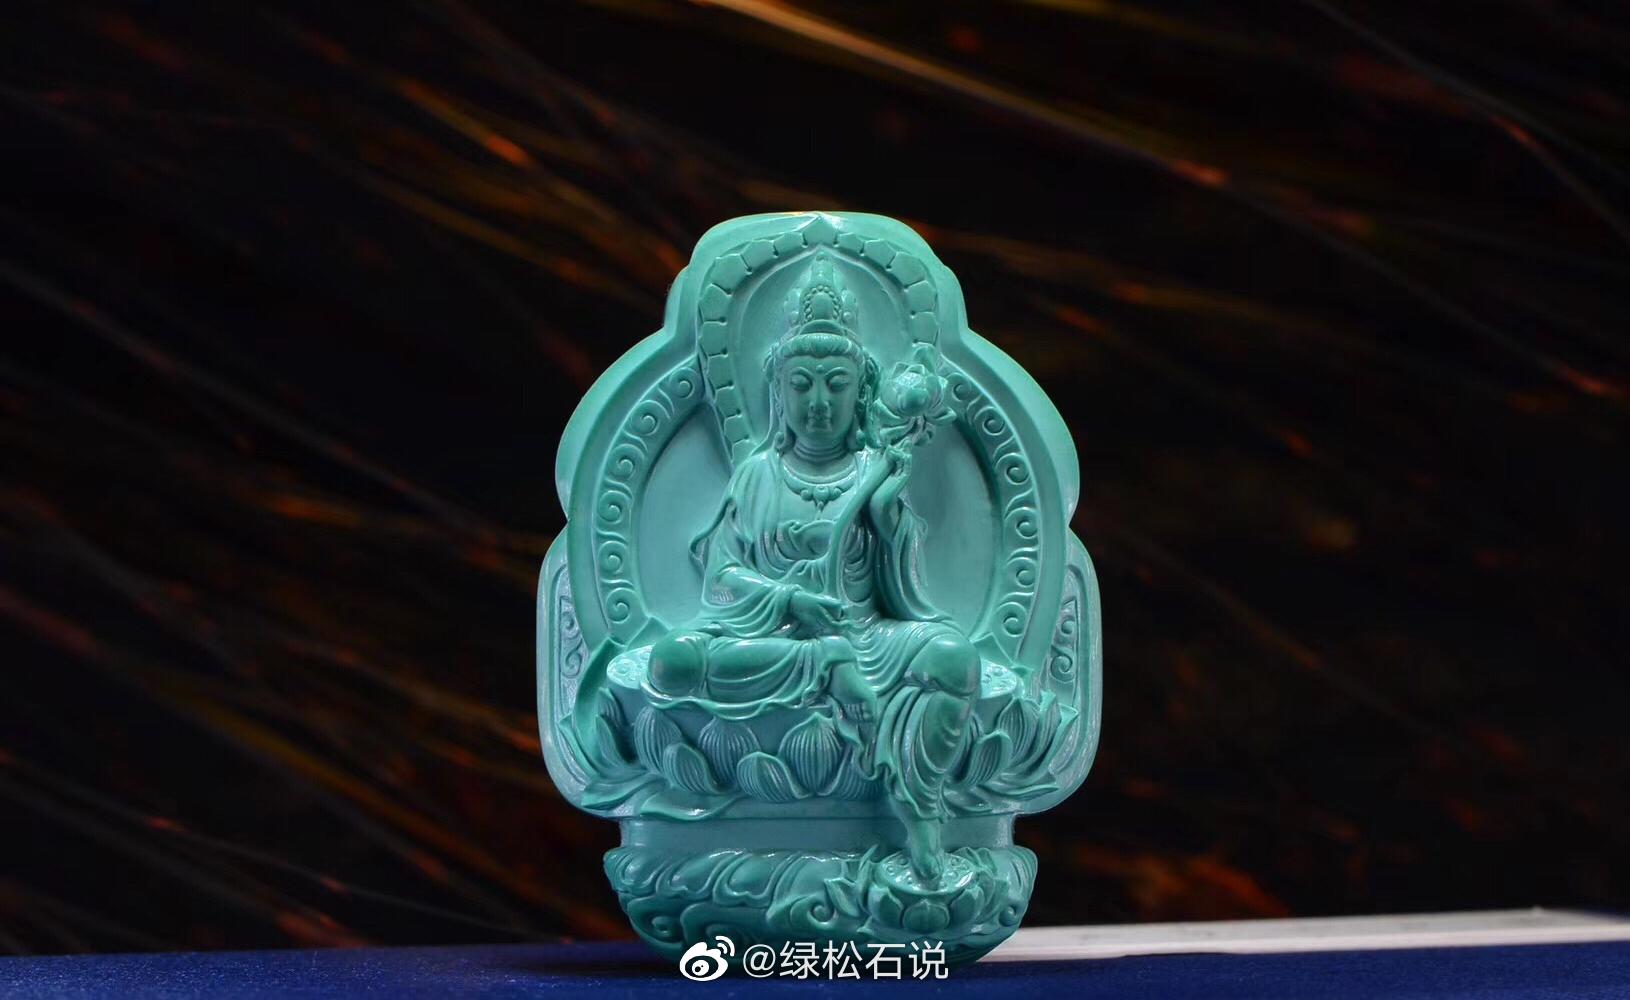 虔诚和神圣的代表——藏传佛像玉雕艺术